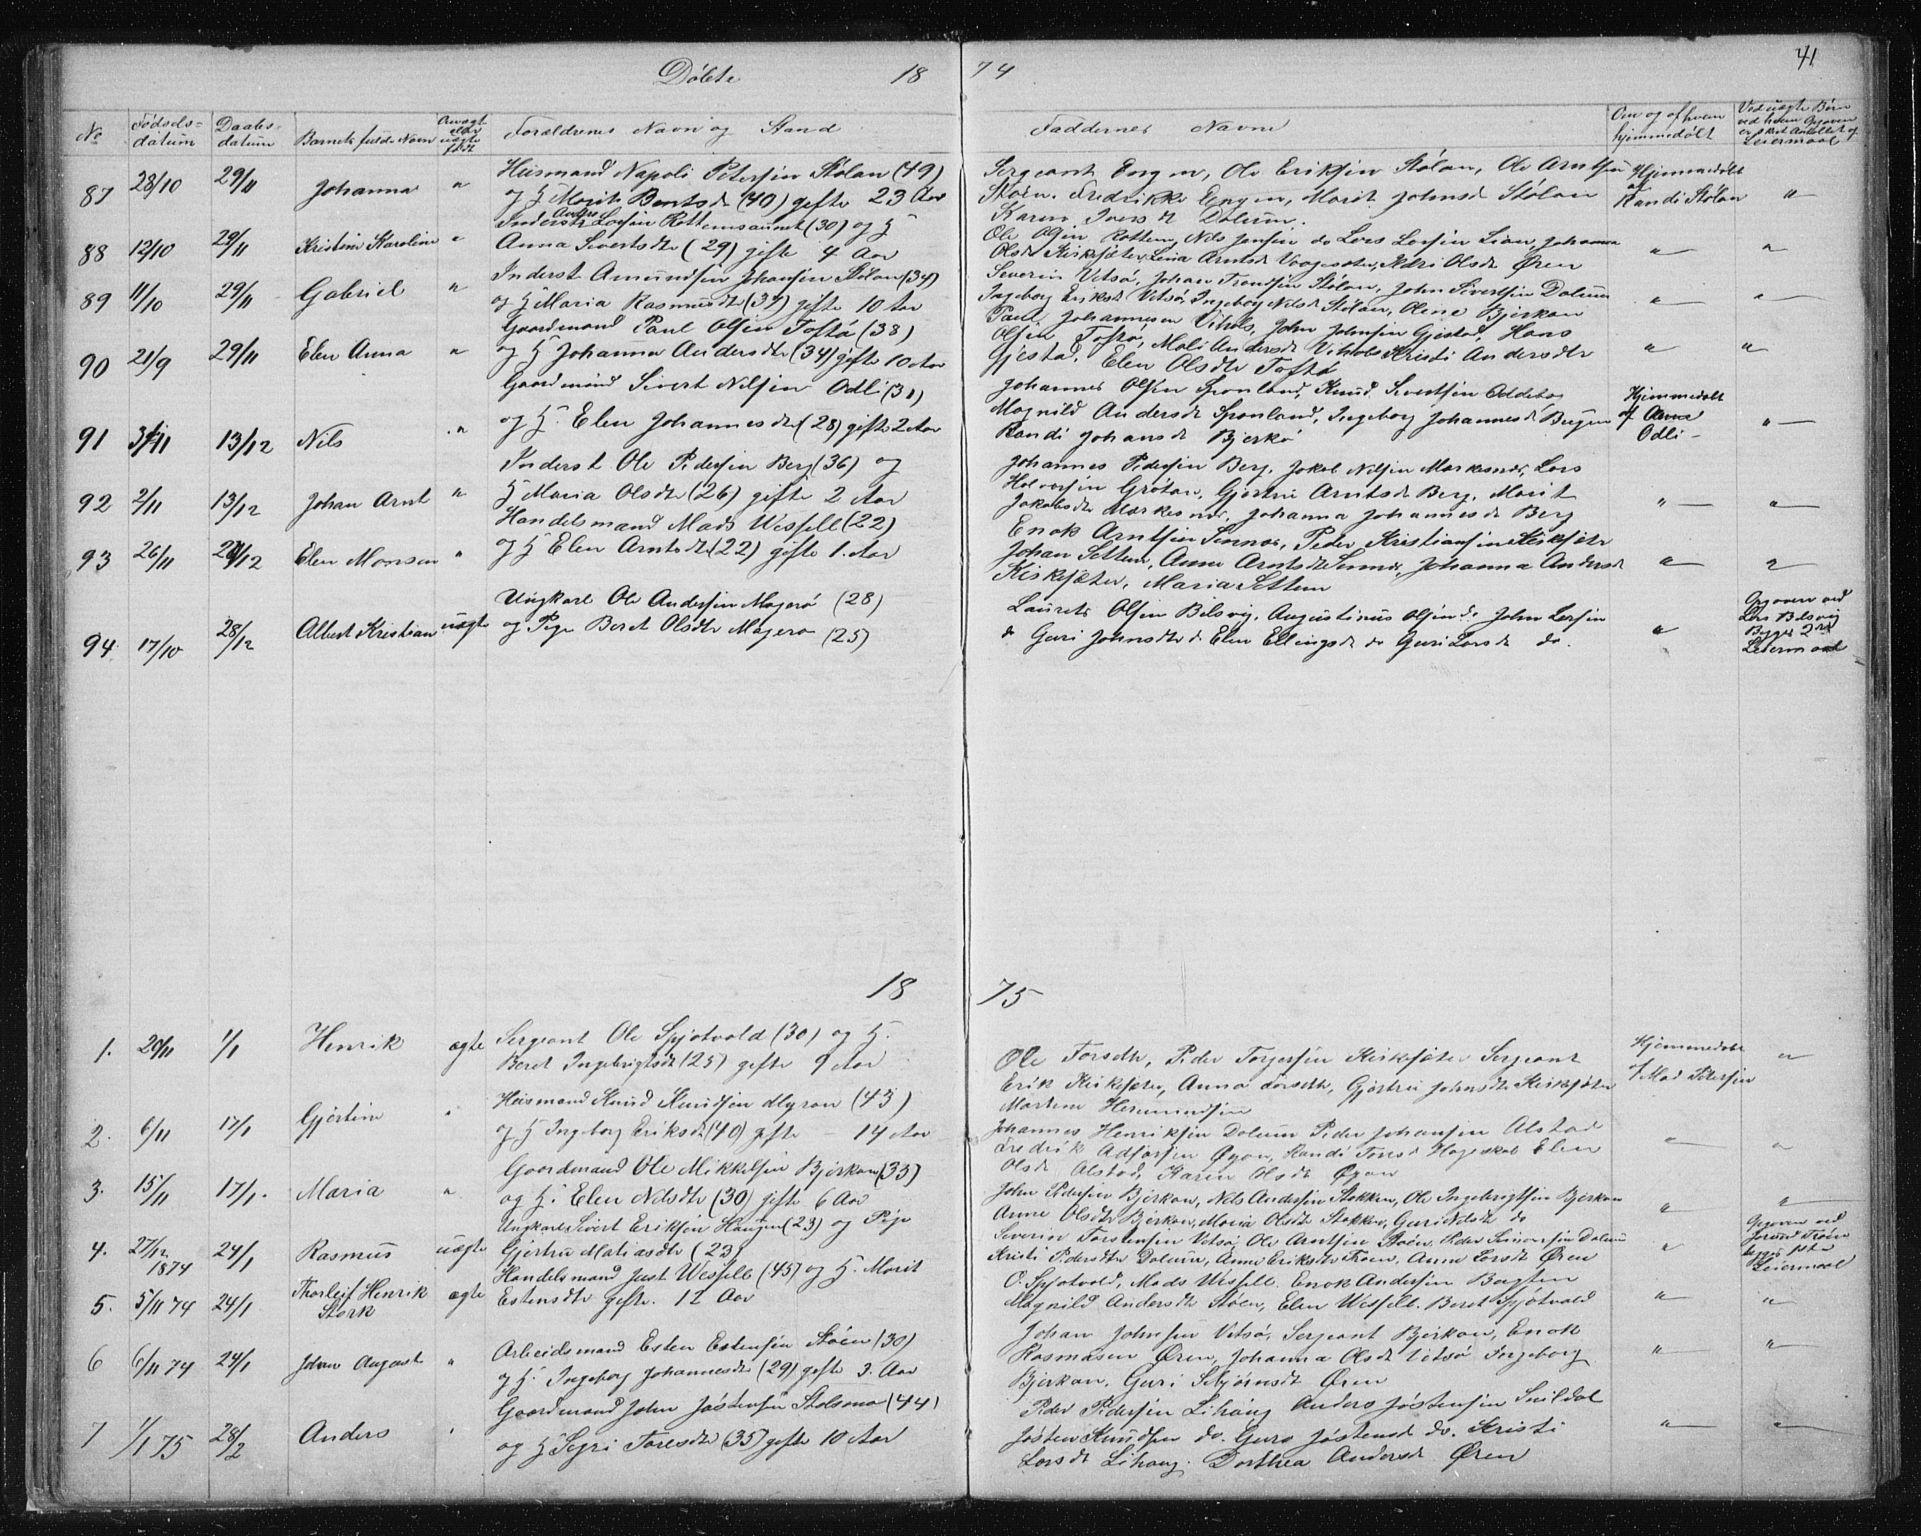 SAT, Ministerialprotokoller, klokkerbøker og fødselsregistre - Sør-Trøndelag, 630/L0503: Klokkerbok nr. 630C01, 1869-1878, s. 41